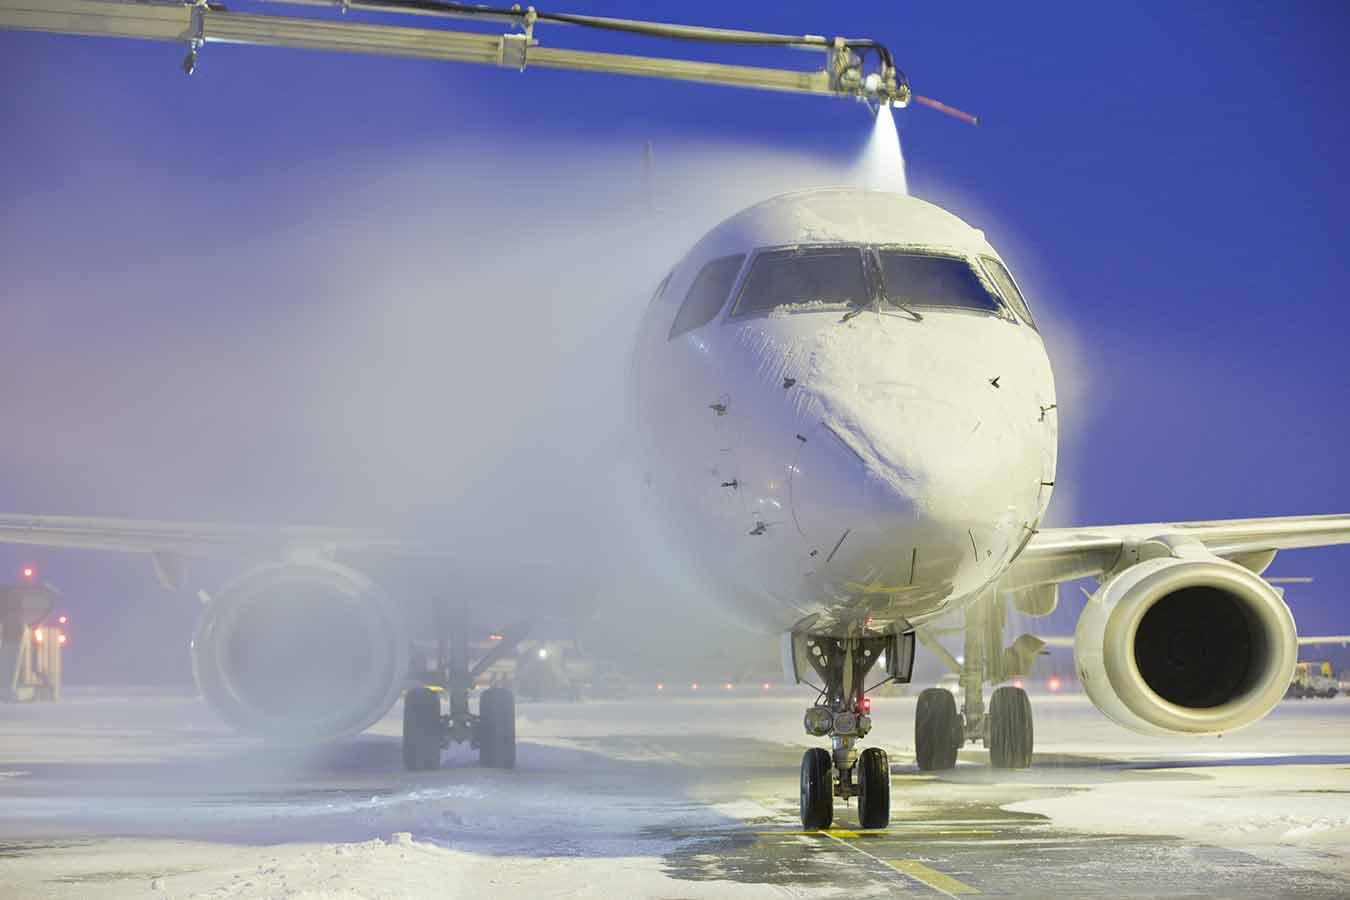 Revêtements hydrofuges : Répulsif liquide pour l'industrie aéronautique